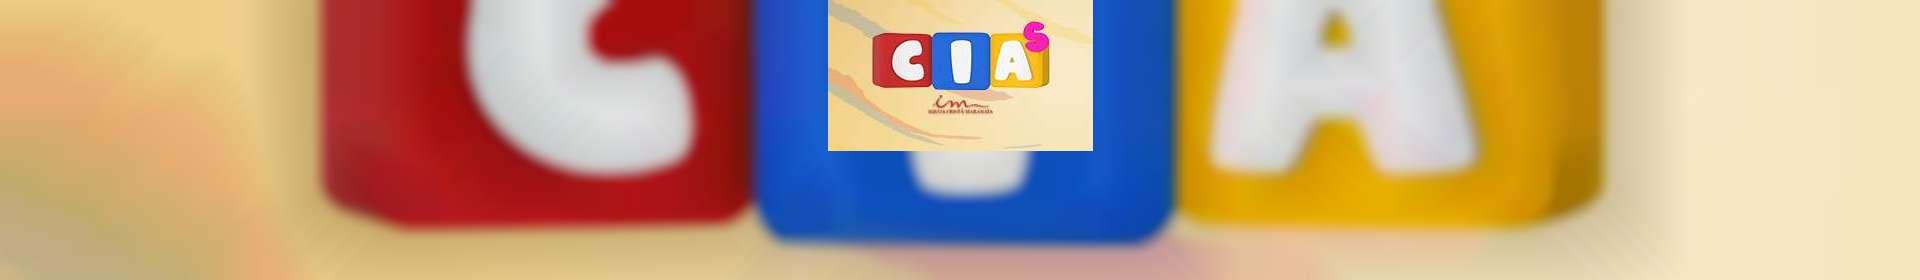 Aula de CIAS: classe de 07 a 11 anos - 10 de setembro de 2020